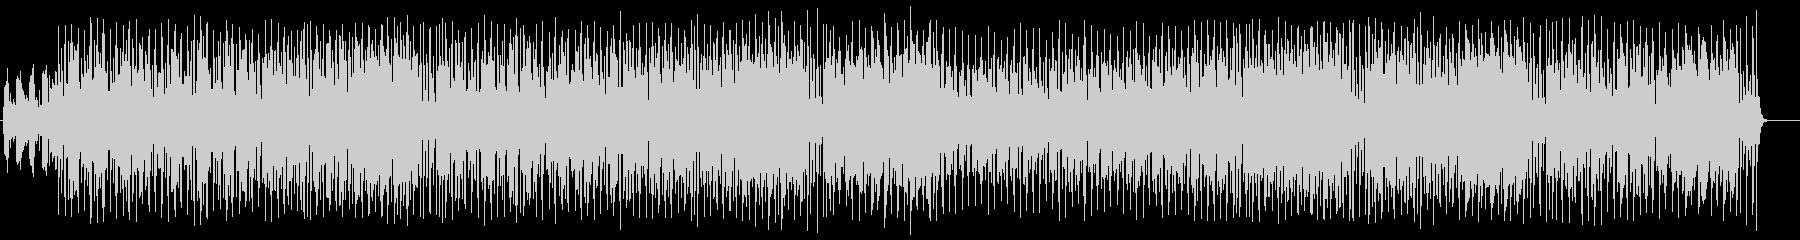 牧場のメルヘンなポップス(フルサイズ)の未再生の波形